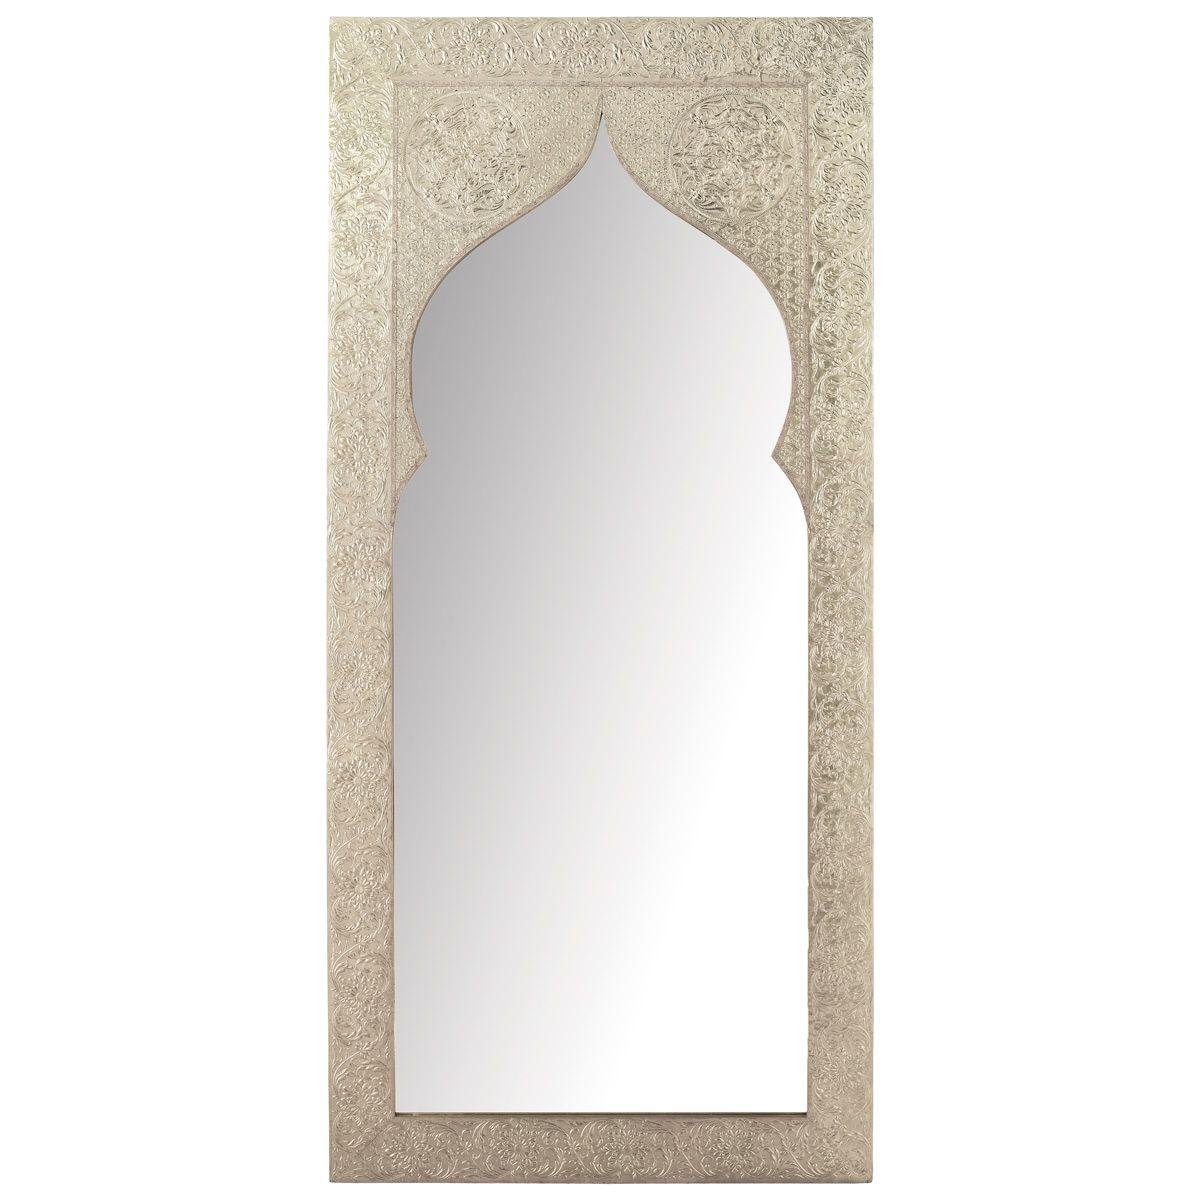 espejo latipur con pizarra gris en vez de espejo marco pintado en plata y blanco